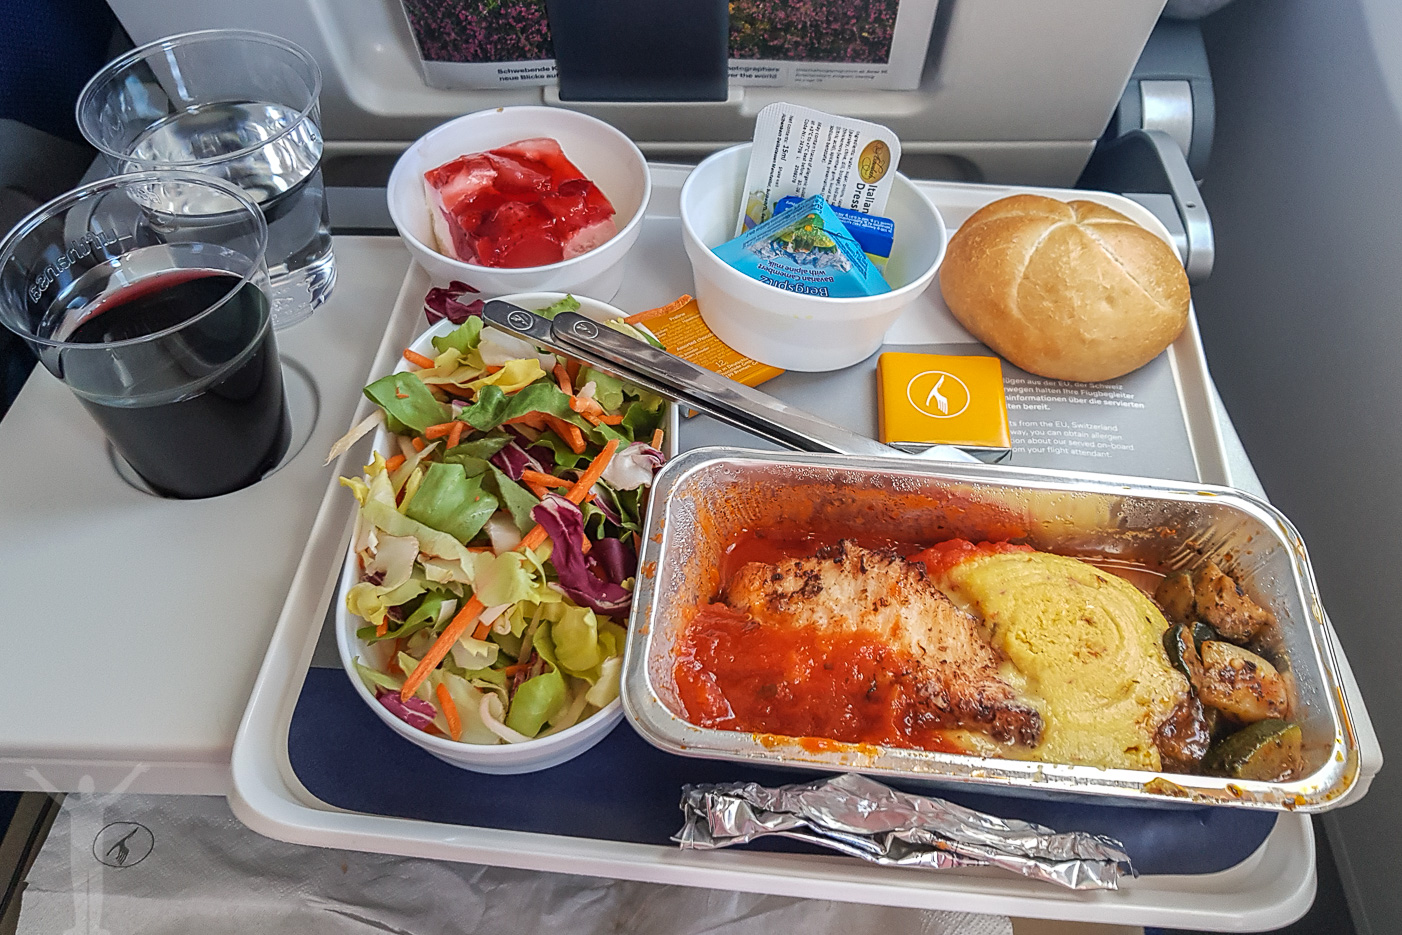 Första måltiden hos Lufthansa